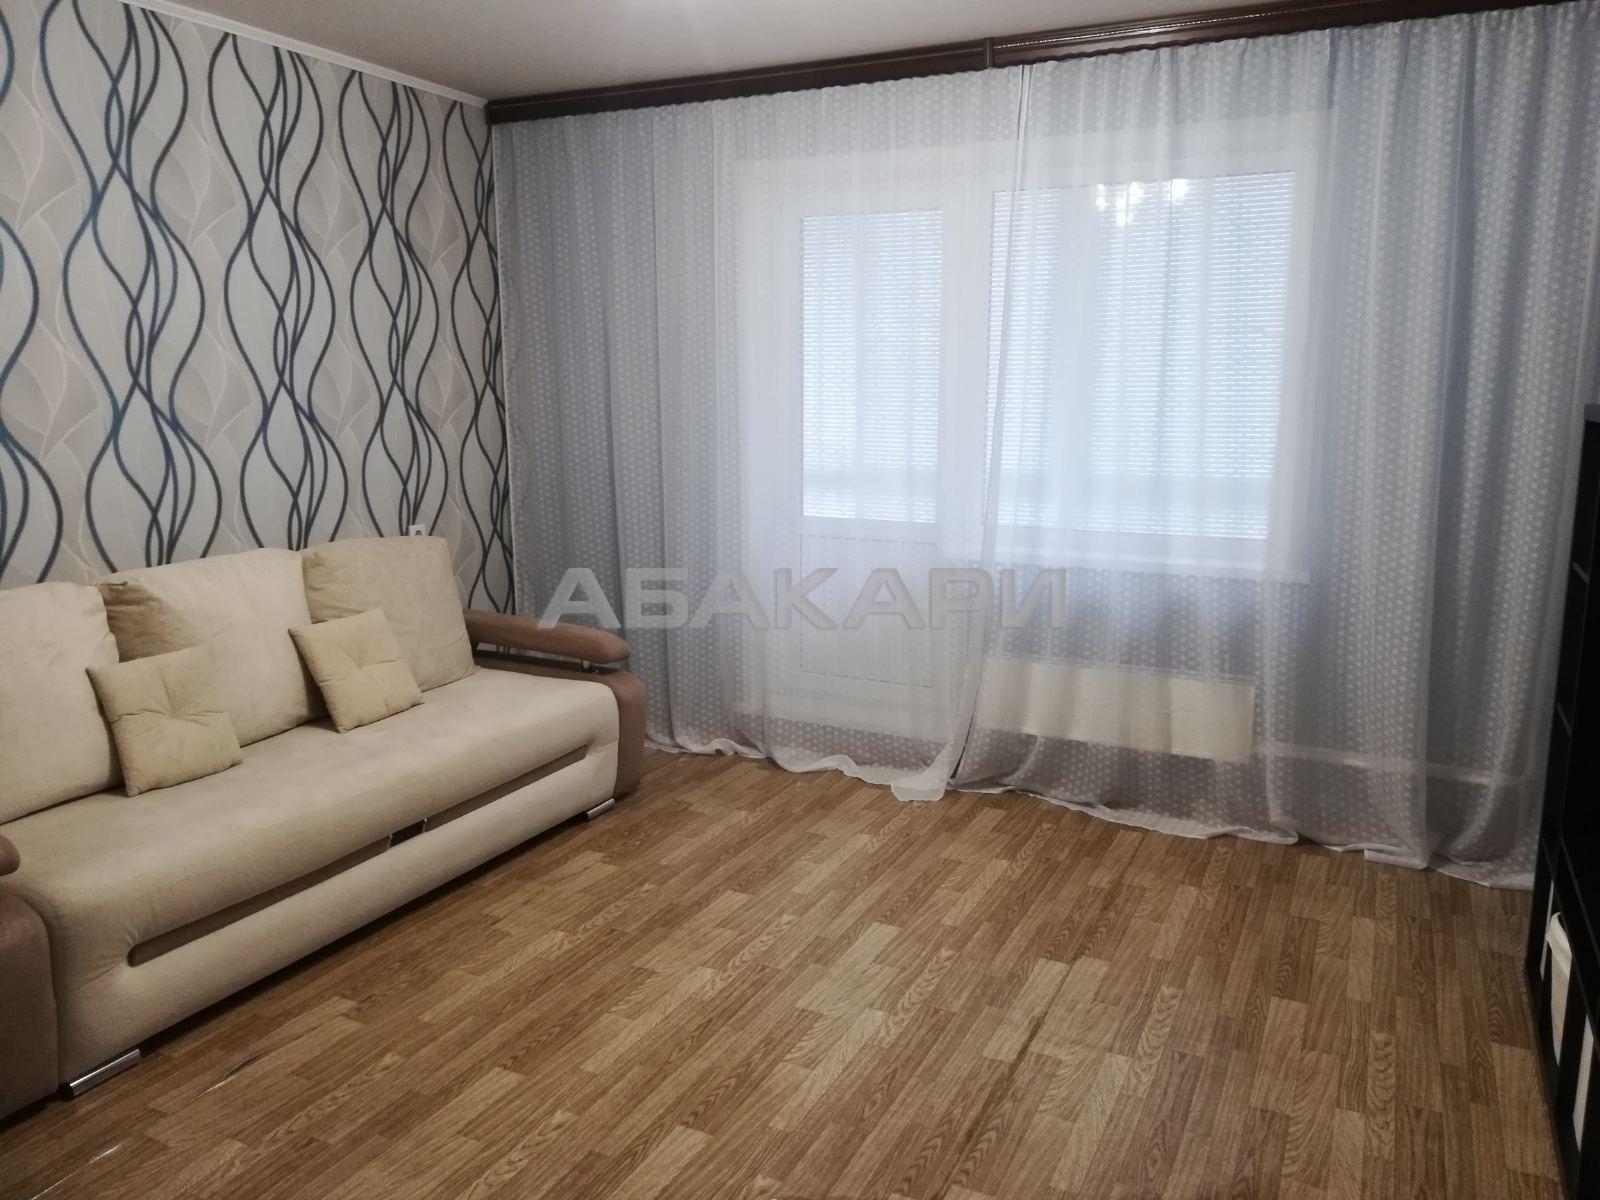 1к квартира улица Ястынская, д. 5 5/9 - 42кв | 20000 | аренда в Красноярске фото 2